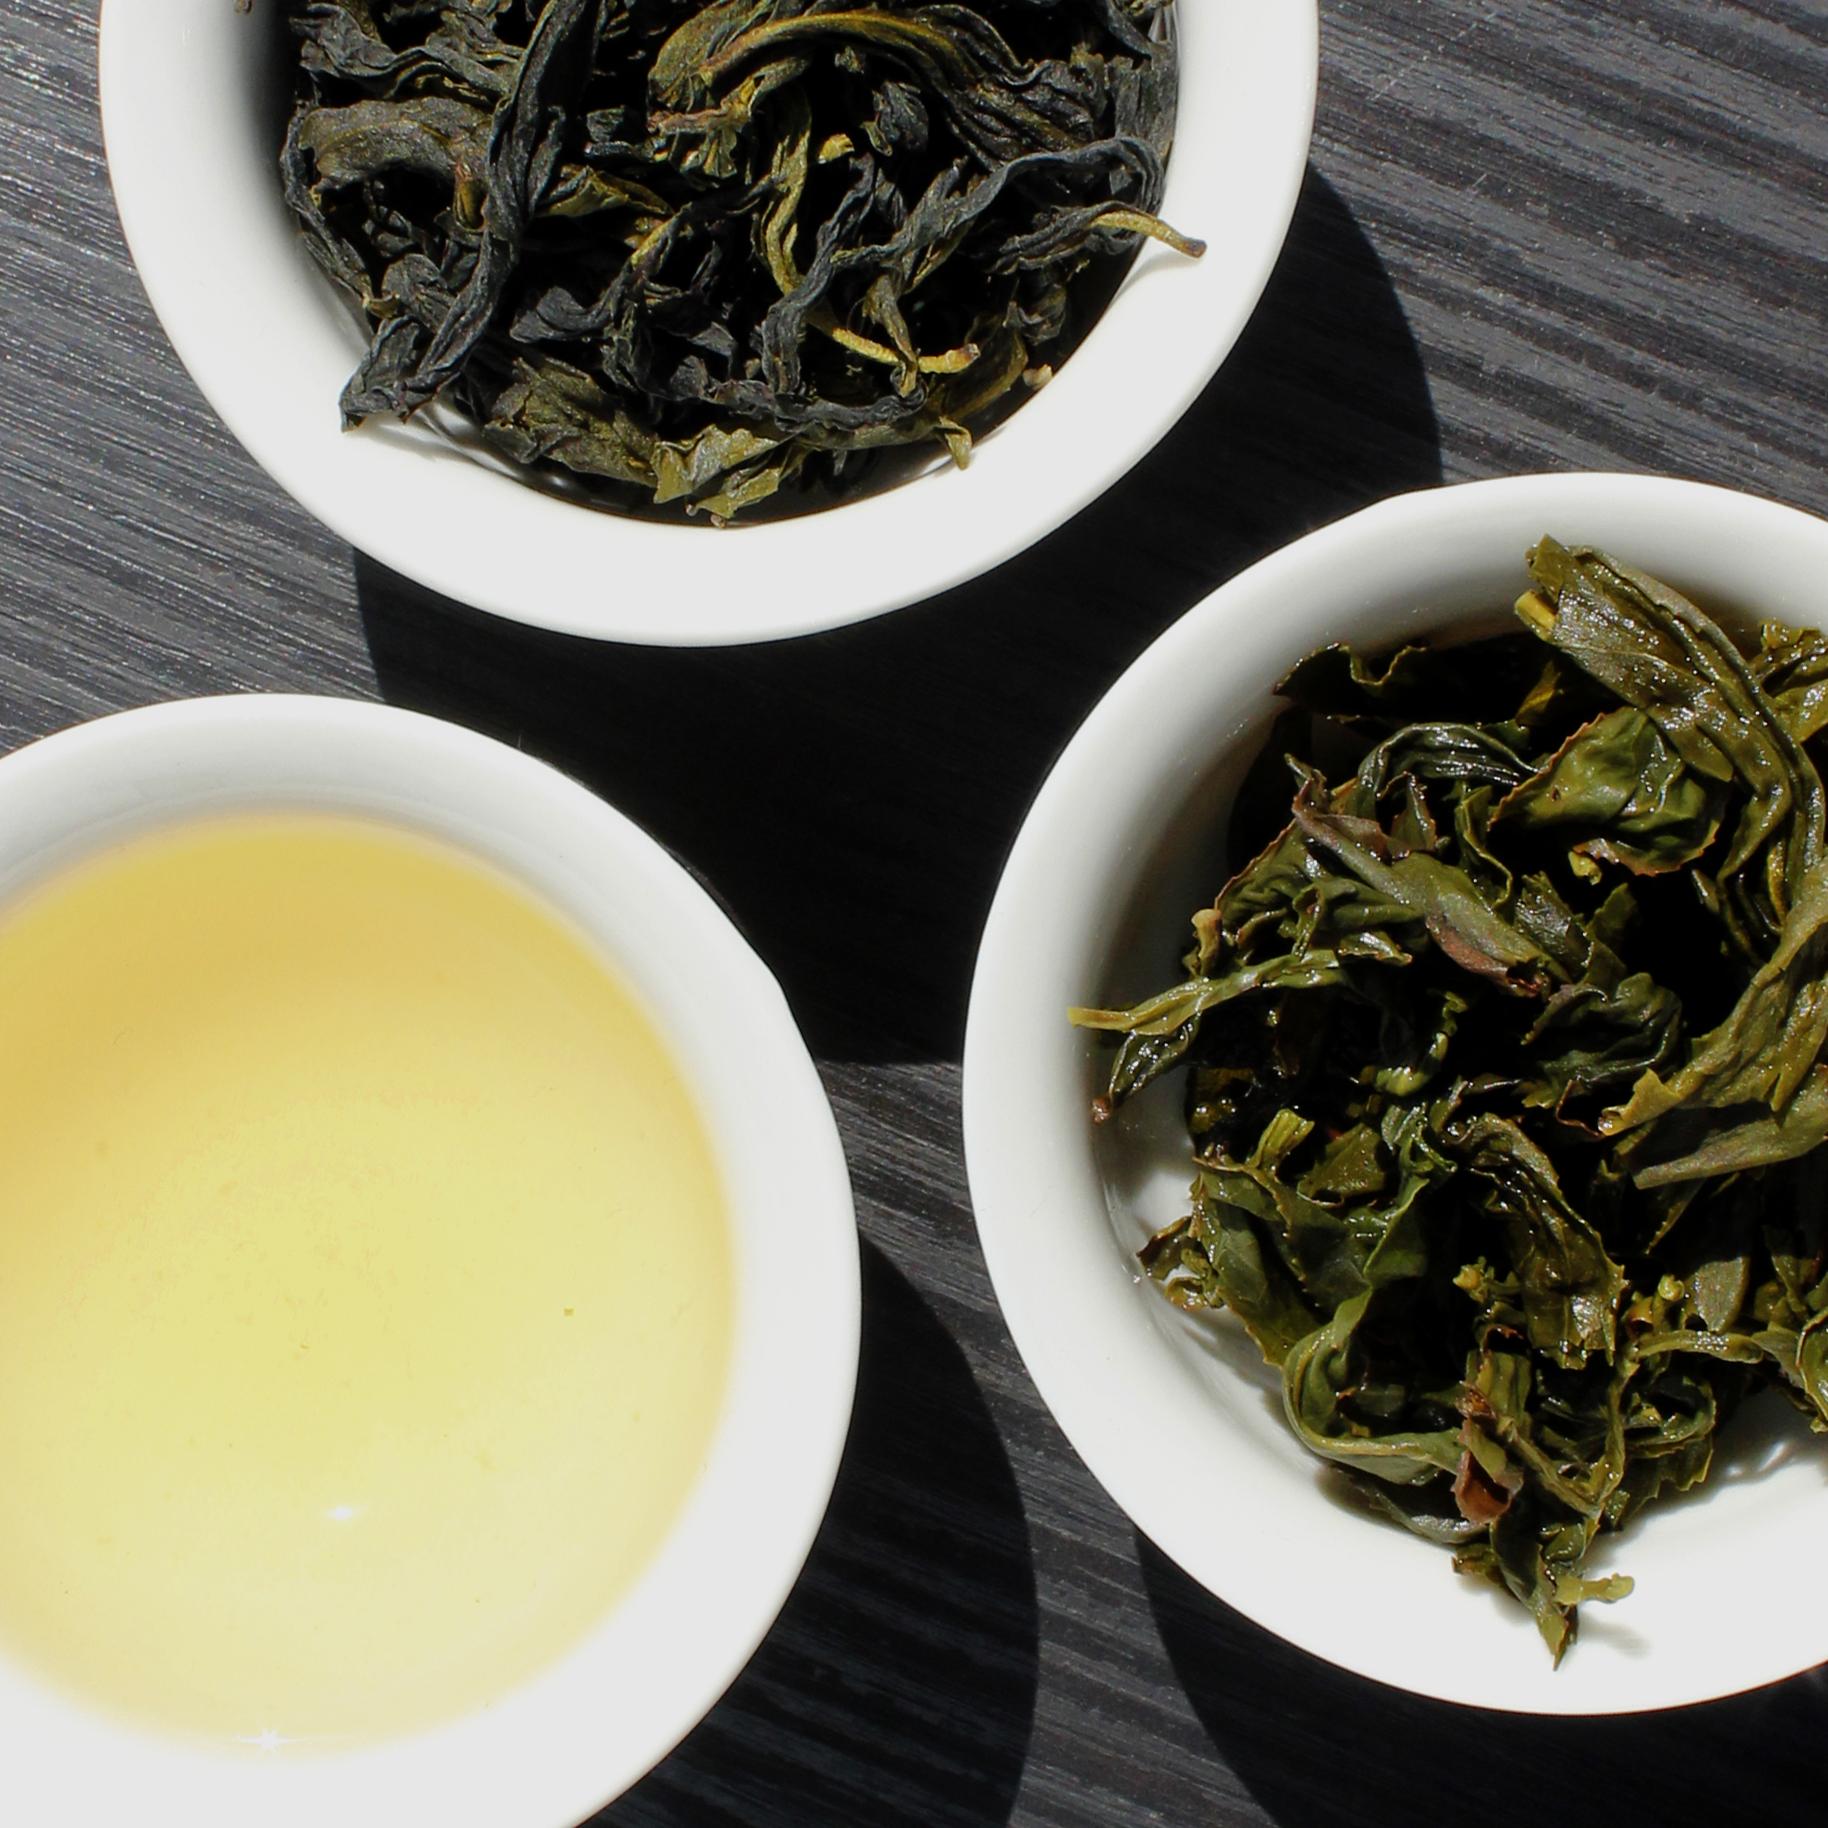 wen-shan-bao-zhong-oolong-tea-taiwan-itw1-2019a.jpg